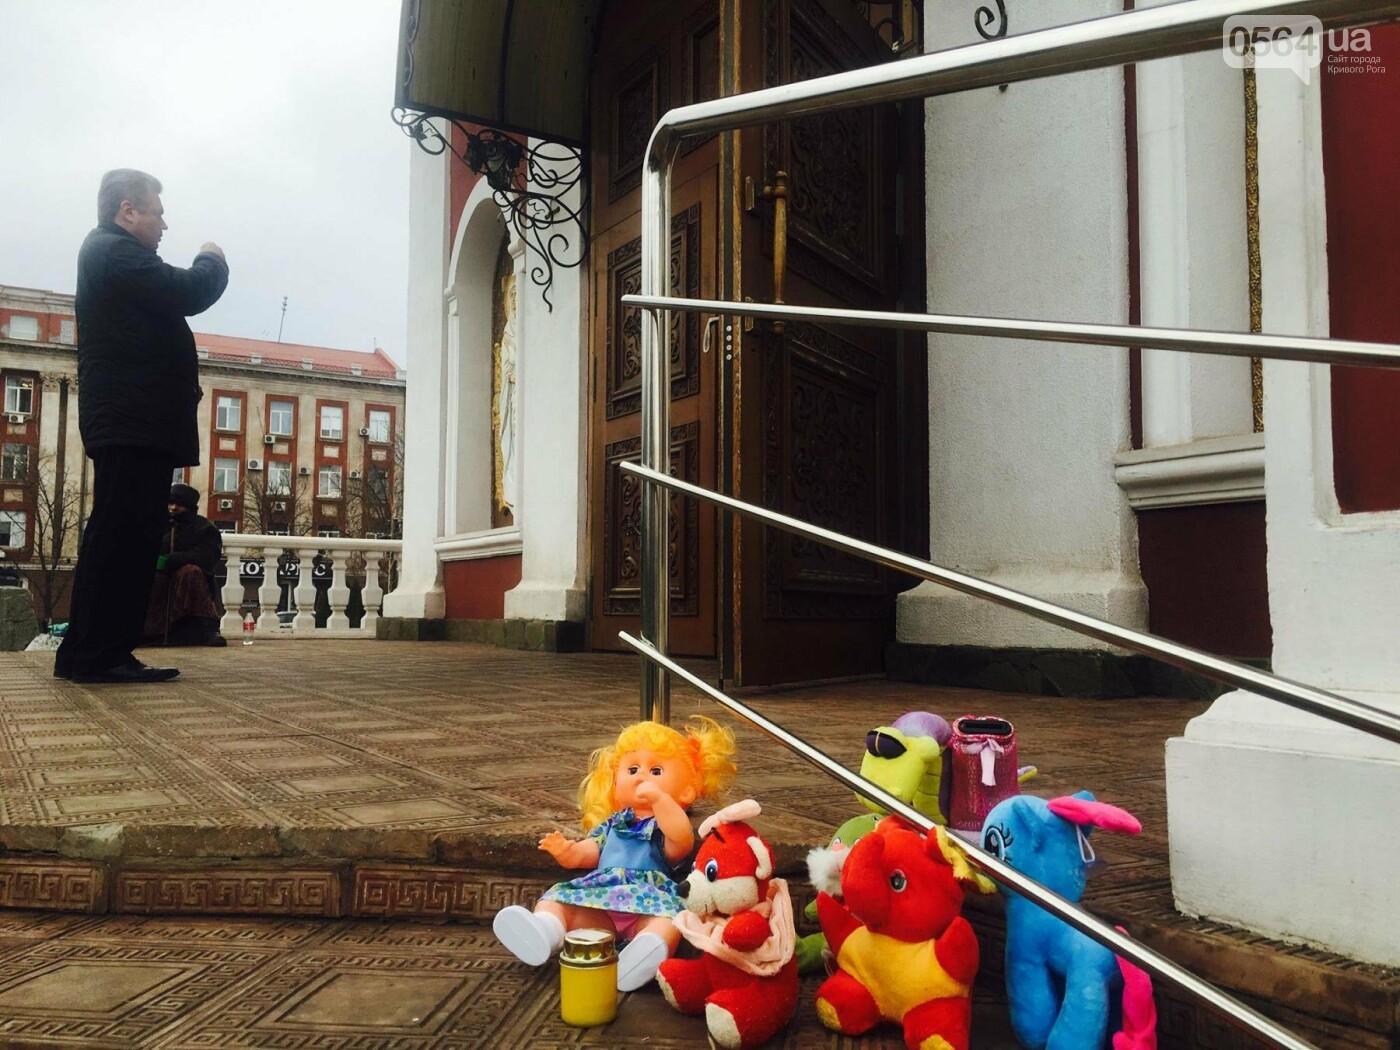 Криворожане, протестуя против политики УПЦ Московского патриархата,  принесли игрушки к храму (ФОТО, ВИДЕО), фото-16